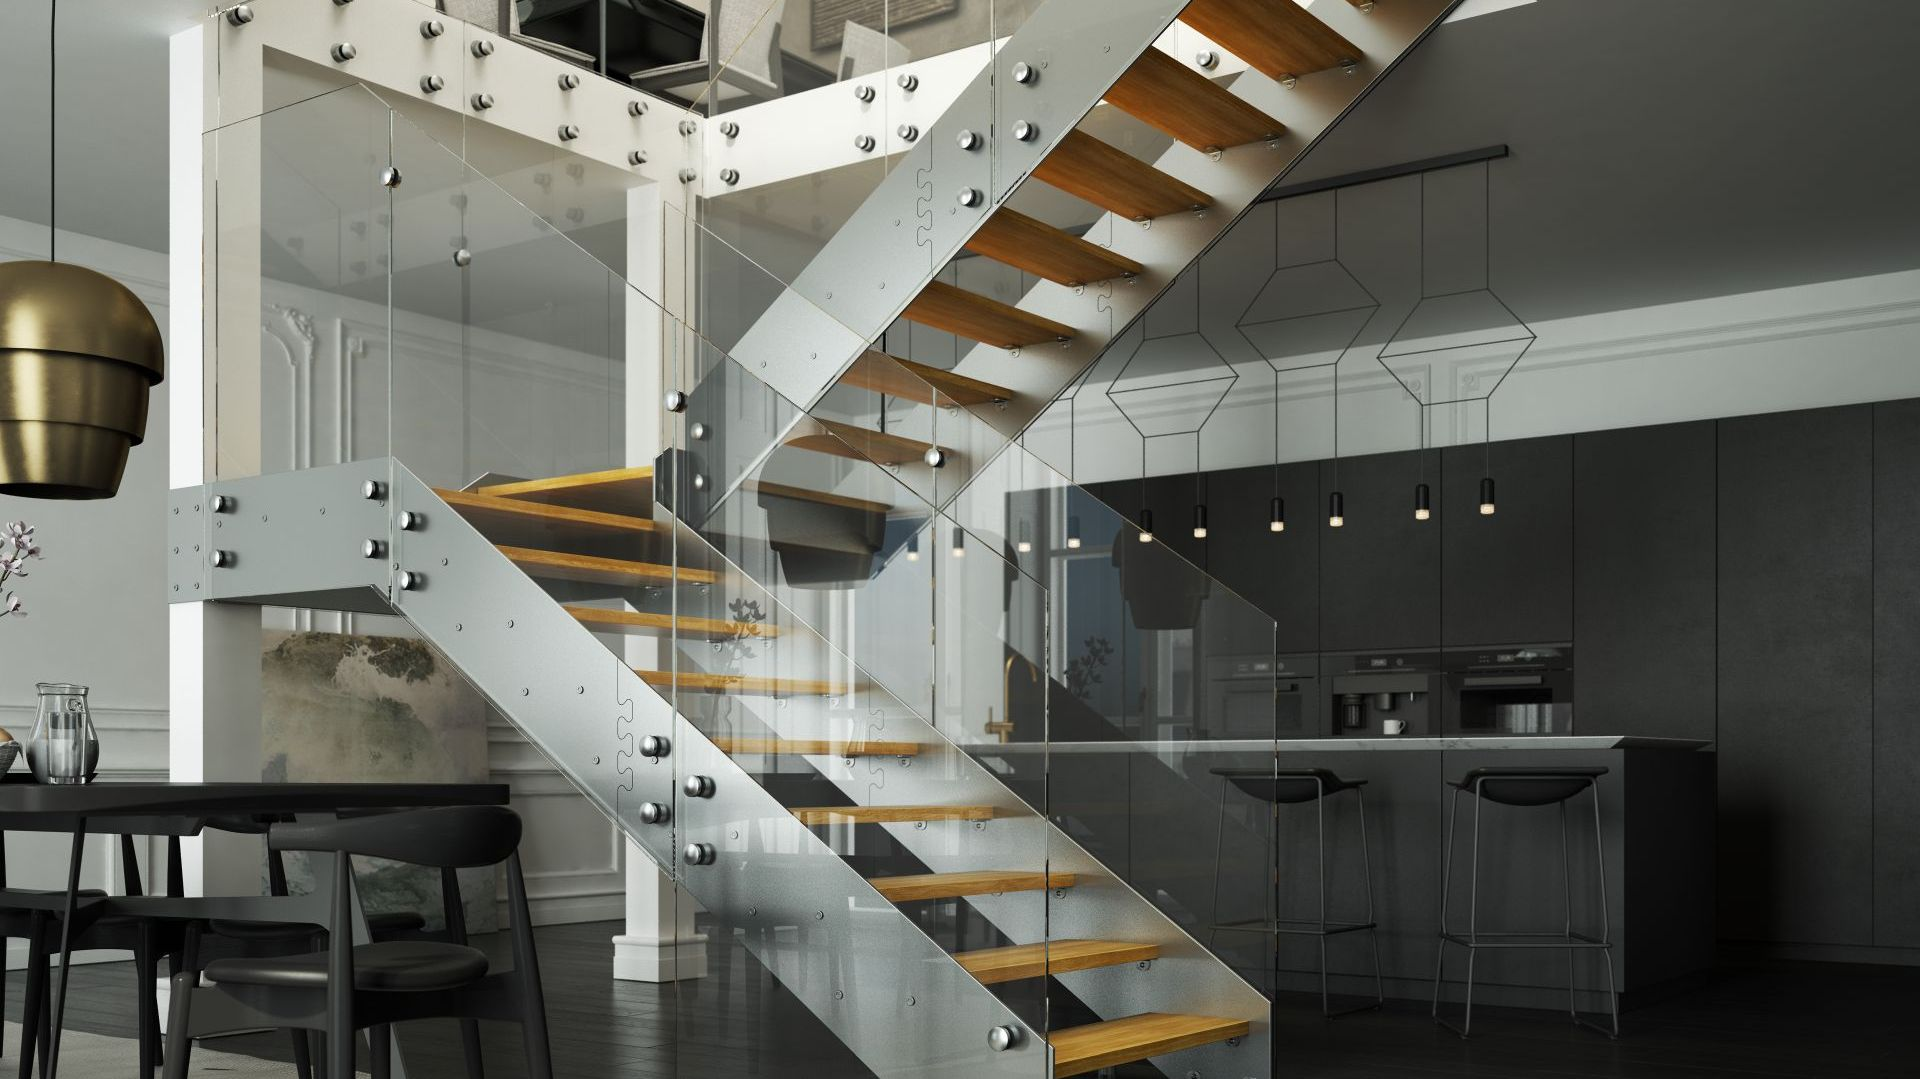 Schody Futura oparte na konstrukcji policzkowej, szklana balustrada Tafla, stopnie z litego dębu. Fot. Rintal Polska